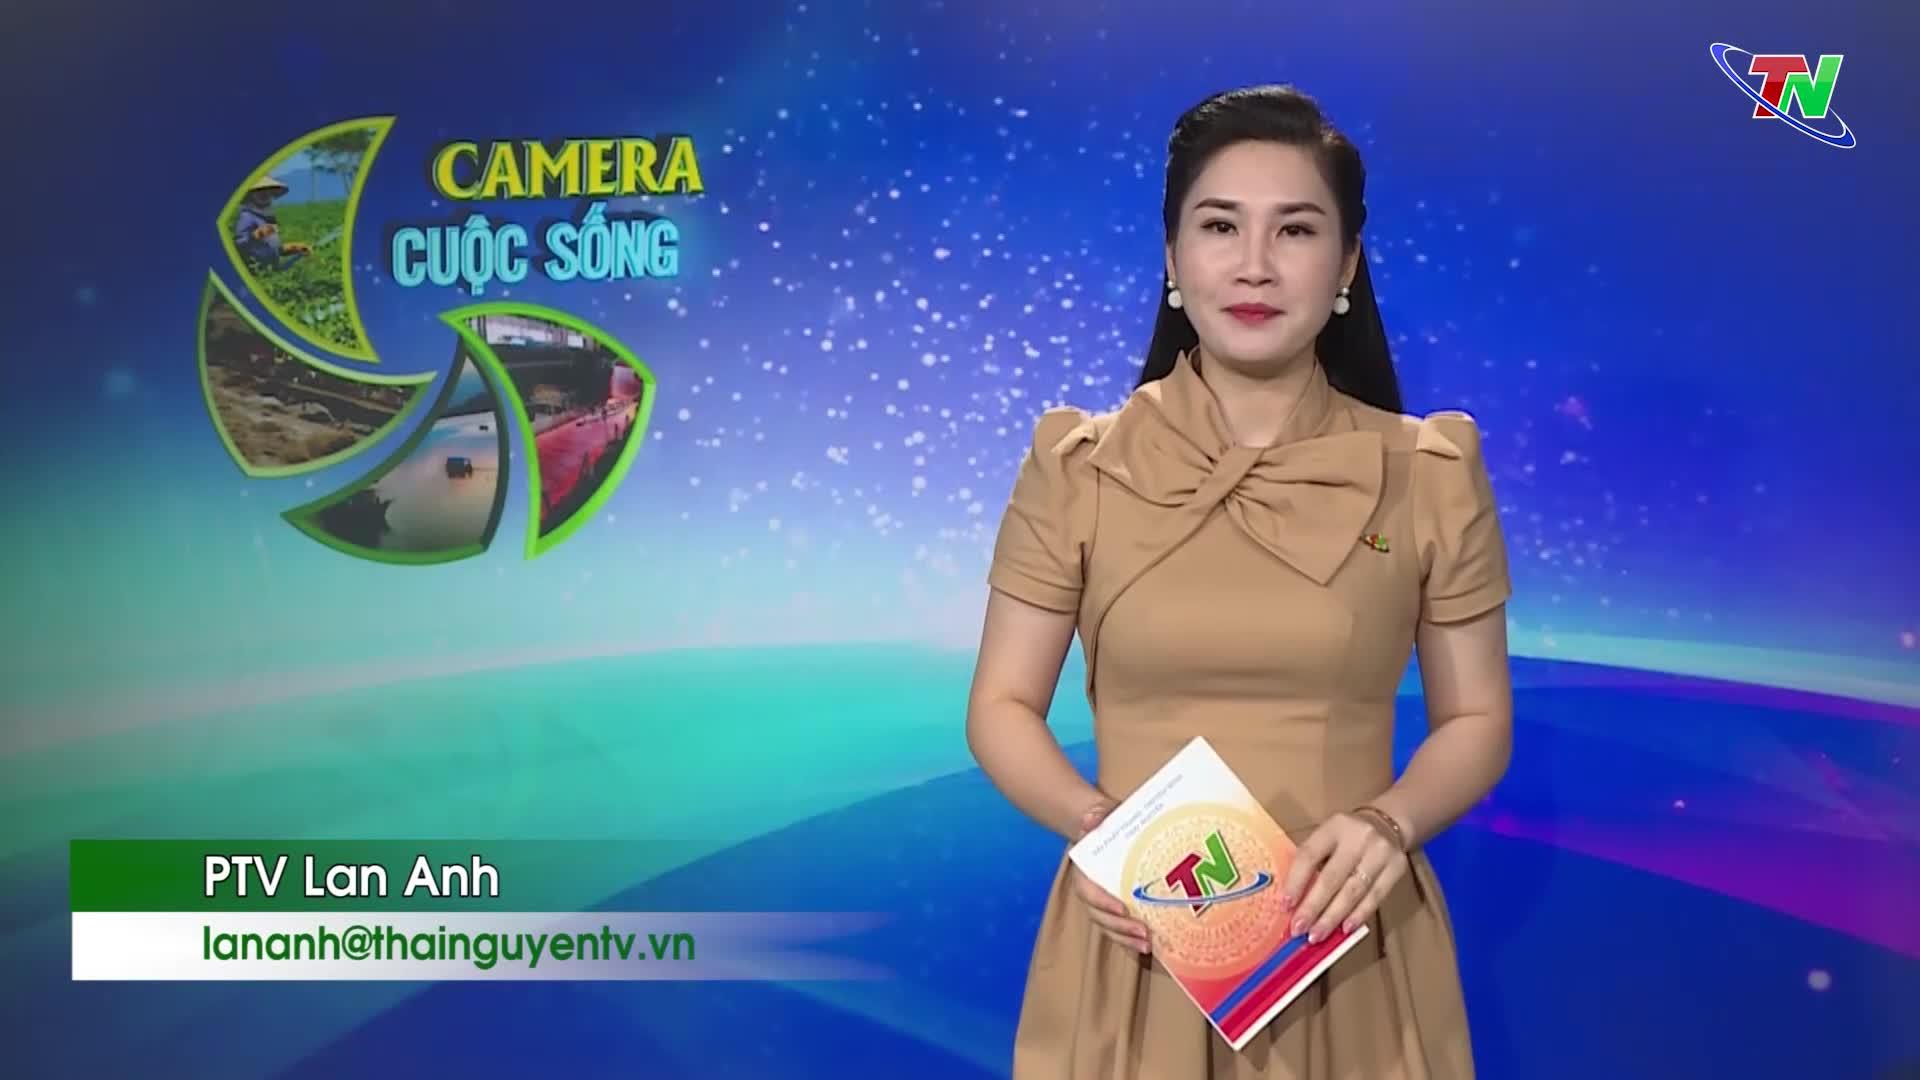 Camera cuộc sống ngày 27/5/2020